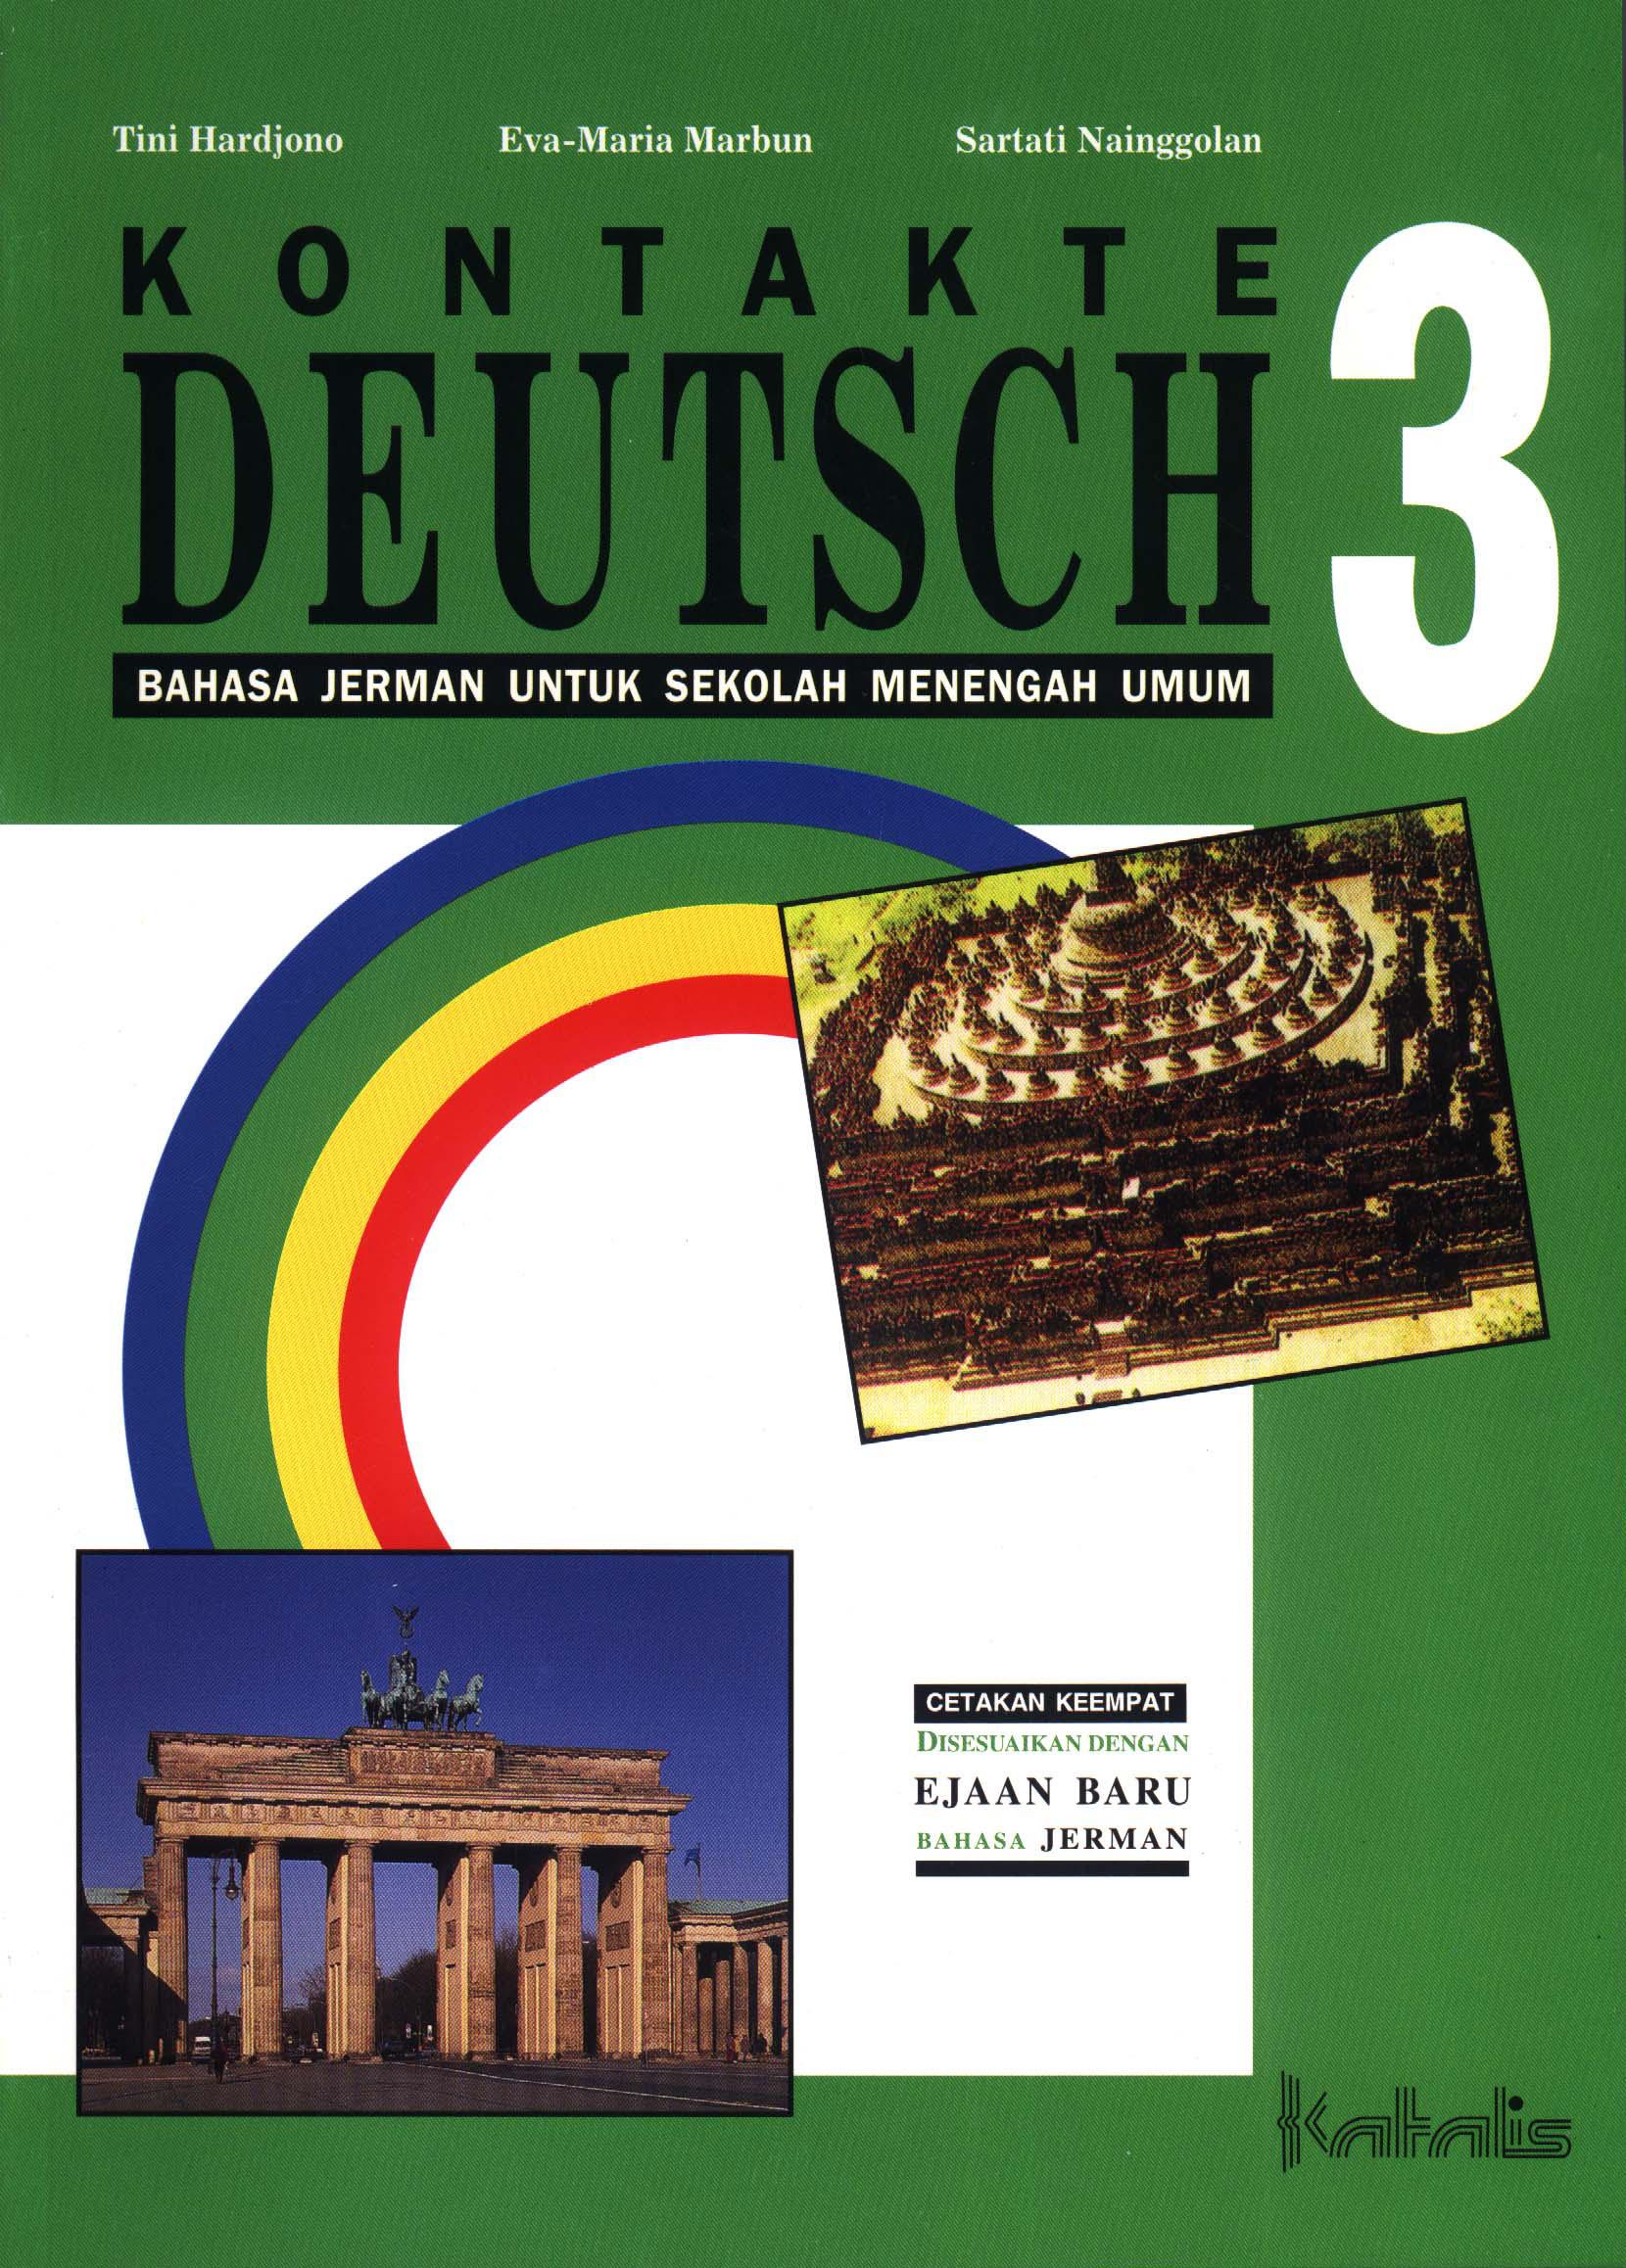 Kontakte Deutsch 3